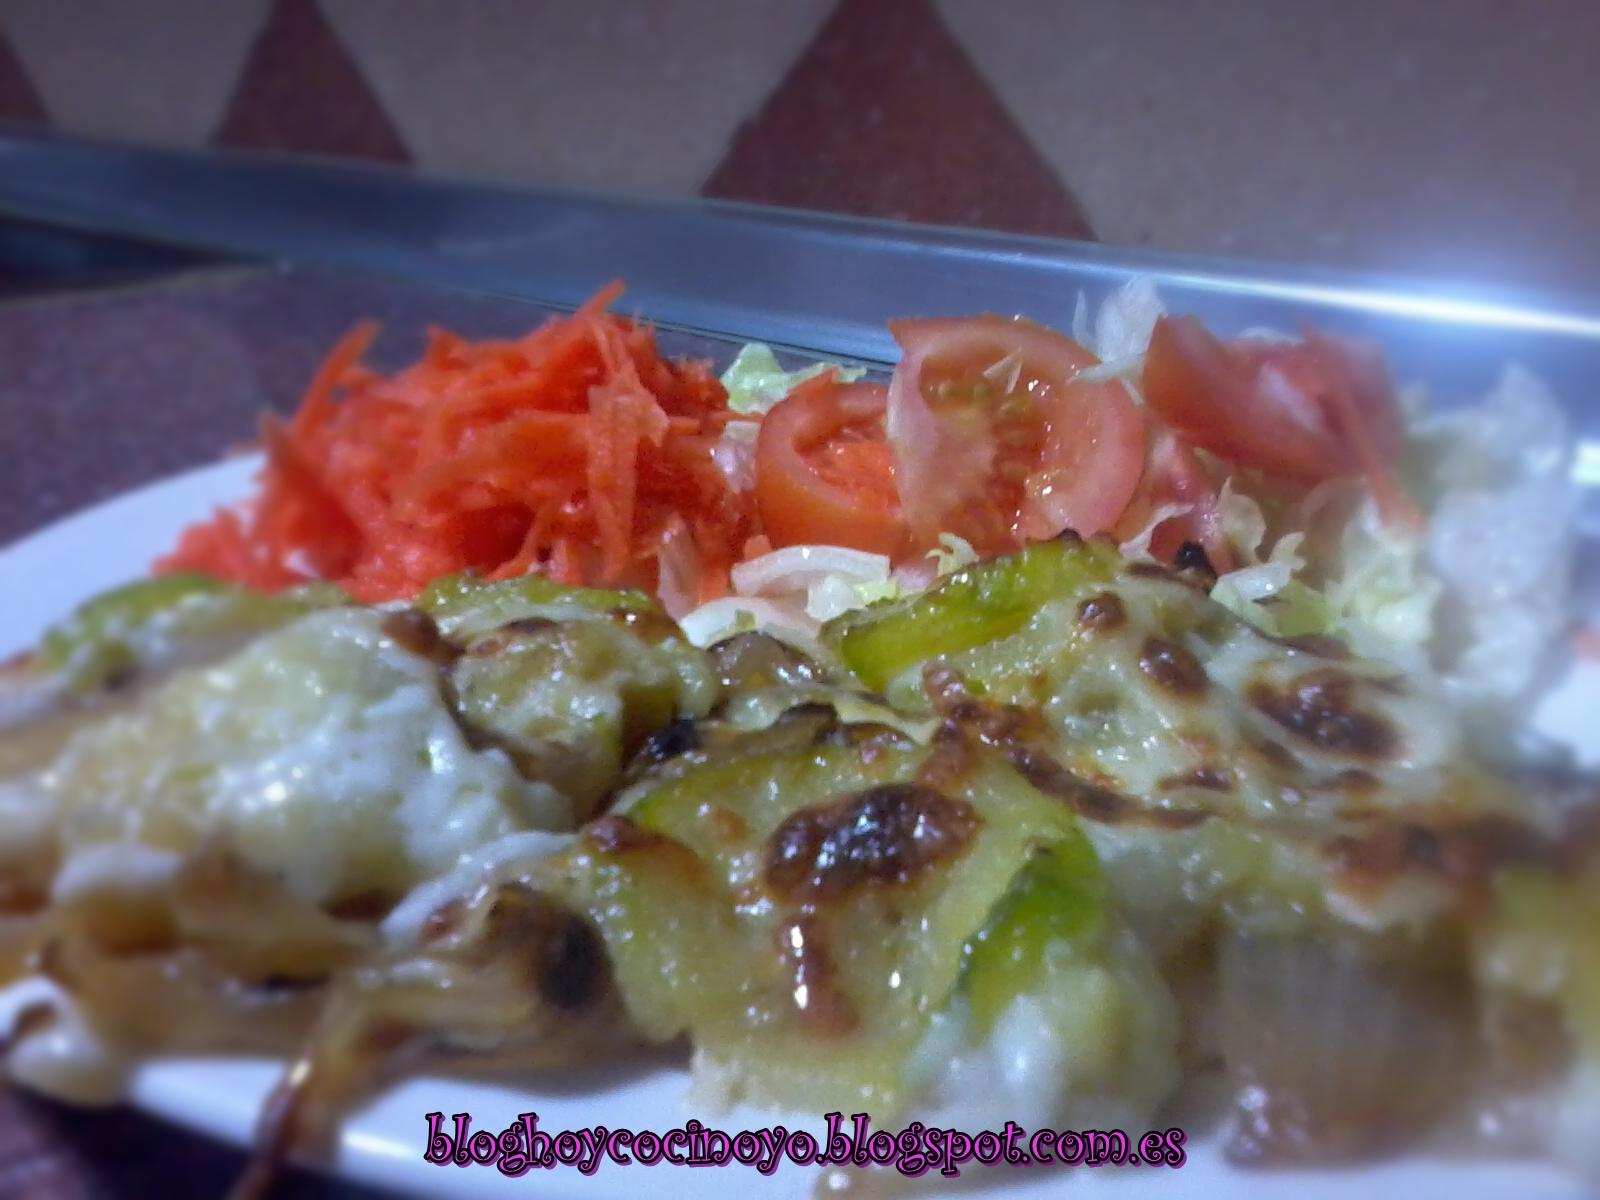 Las recetas de safa gratinado de patatas y calabac n - Gratinado de patata ...